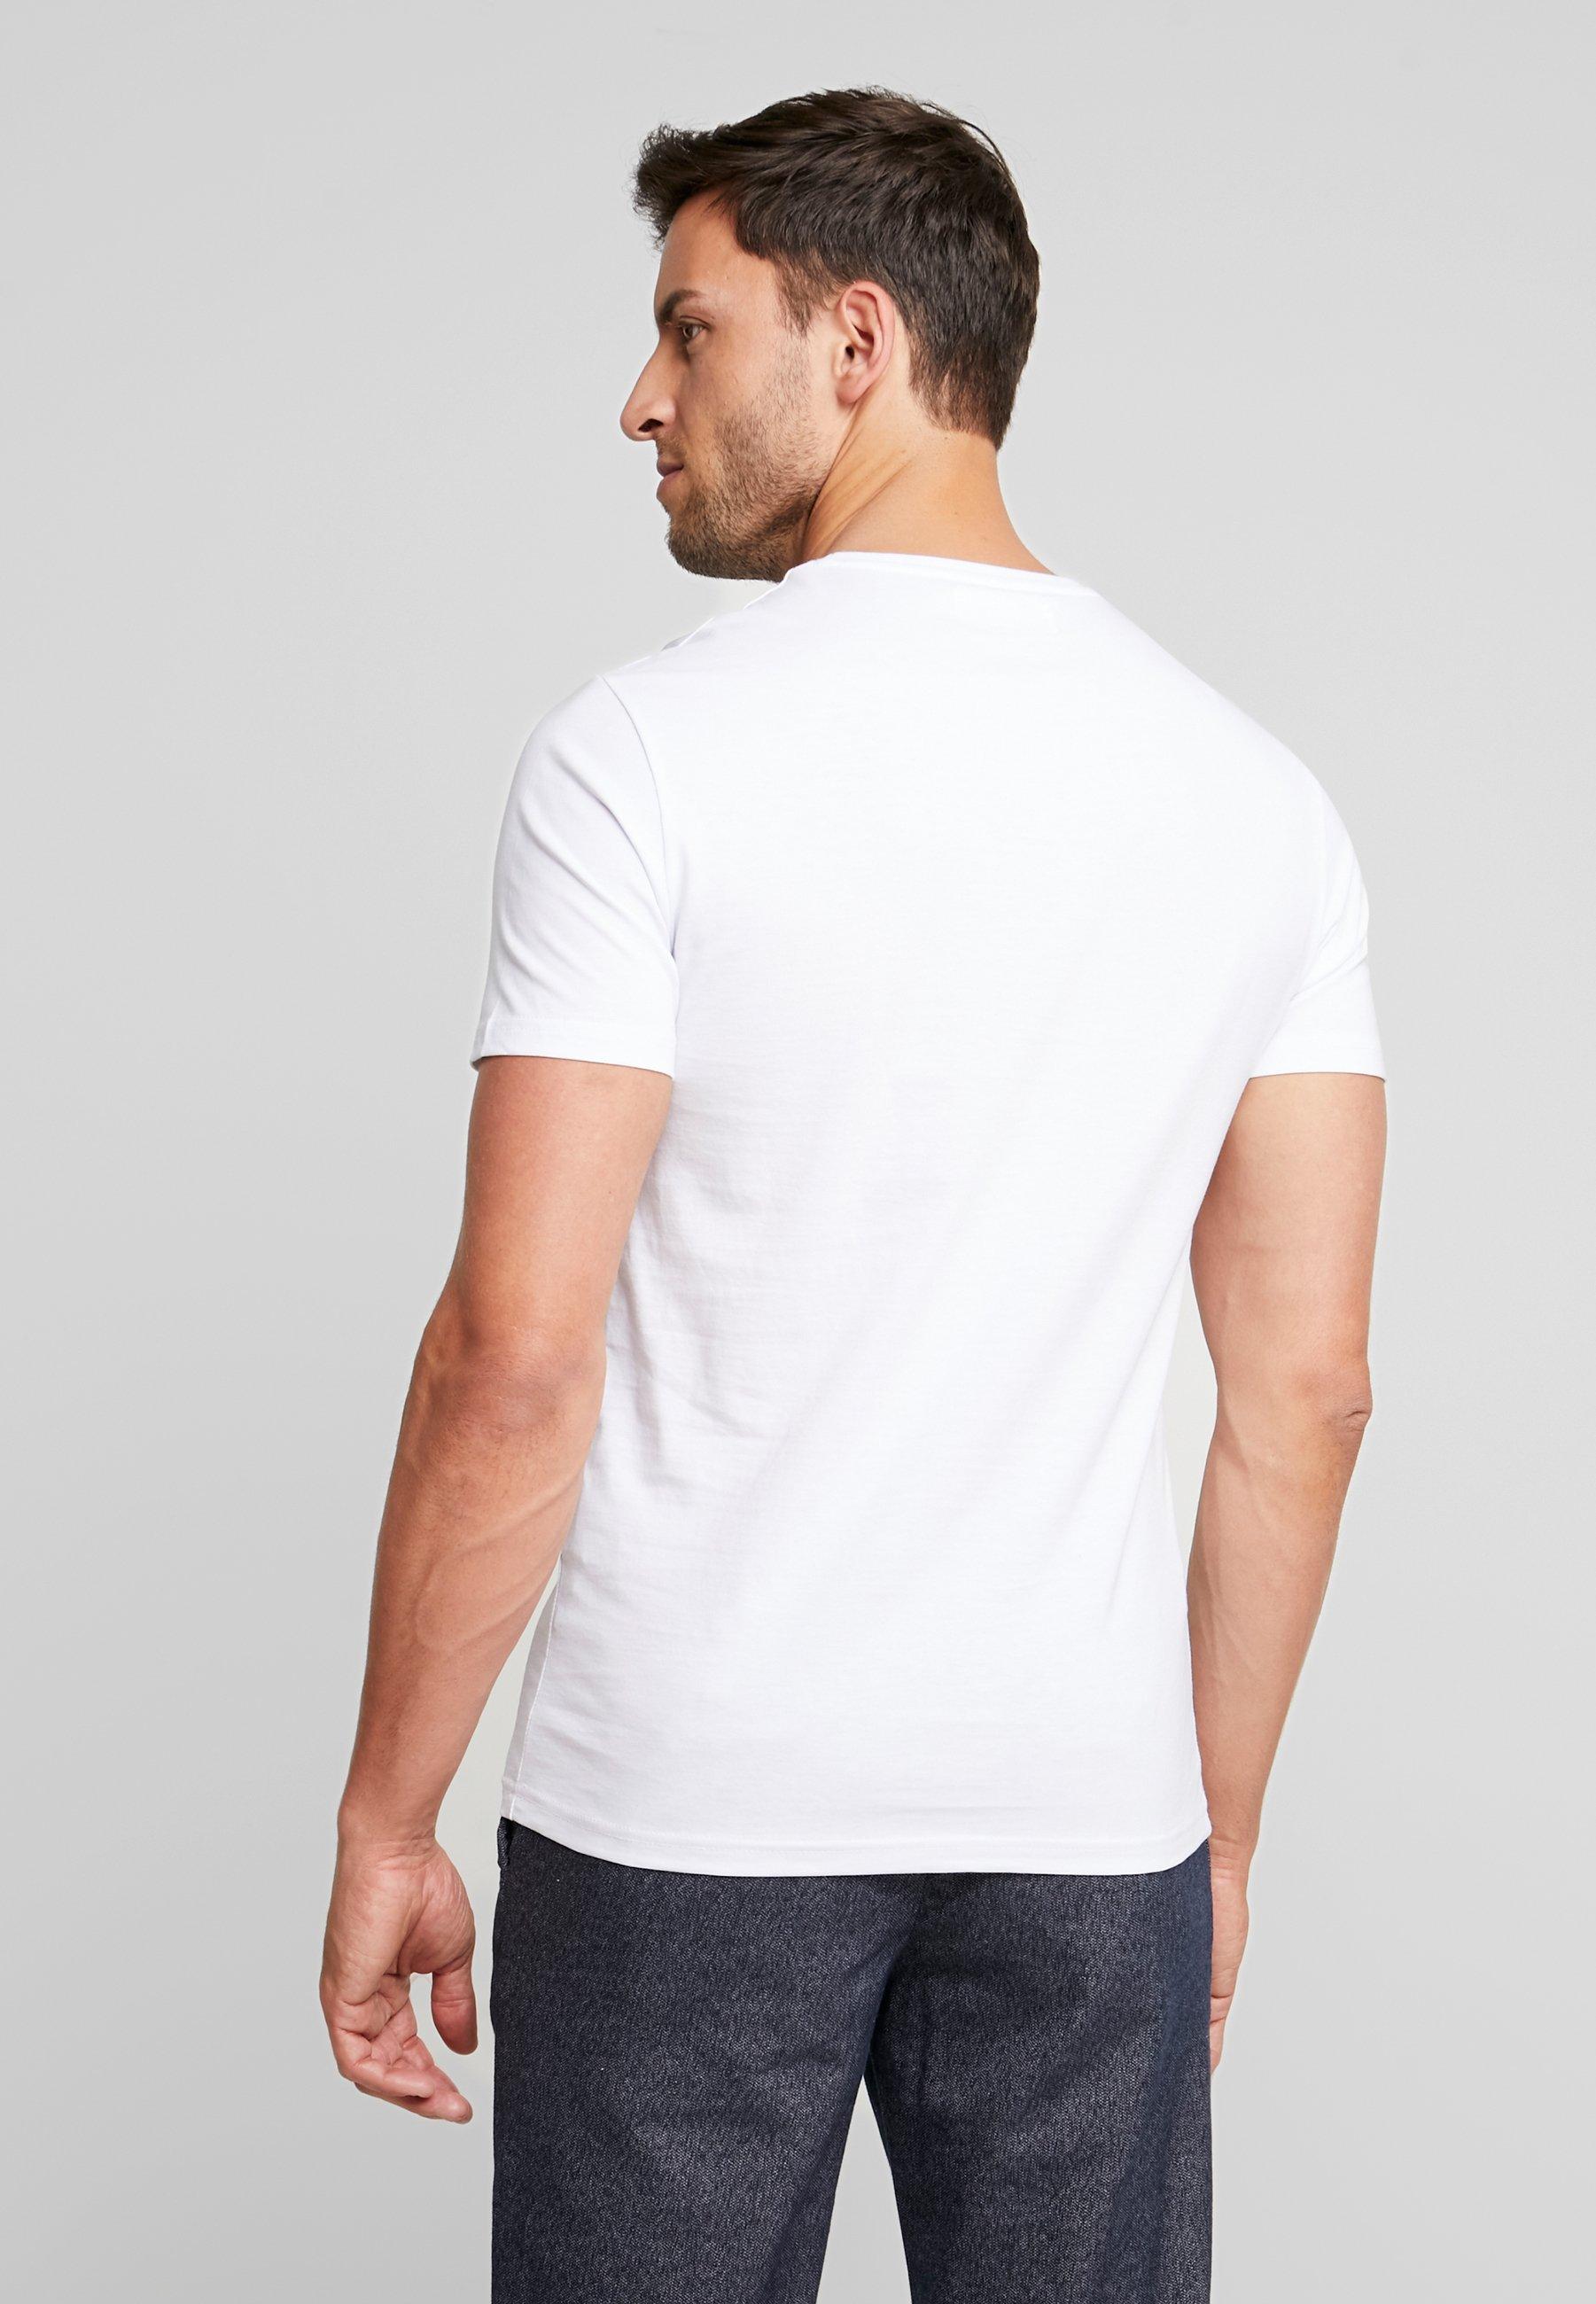 Pier T Pier shirt ImpriméWhite ImpriméWhite One T Pier One shirt 8wvNm0n